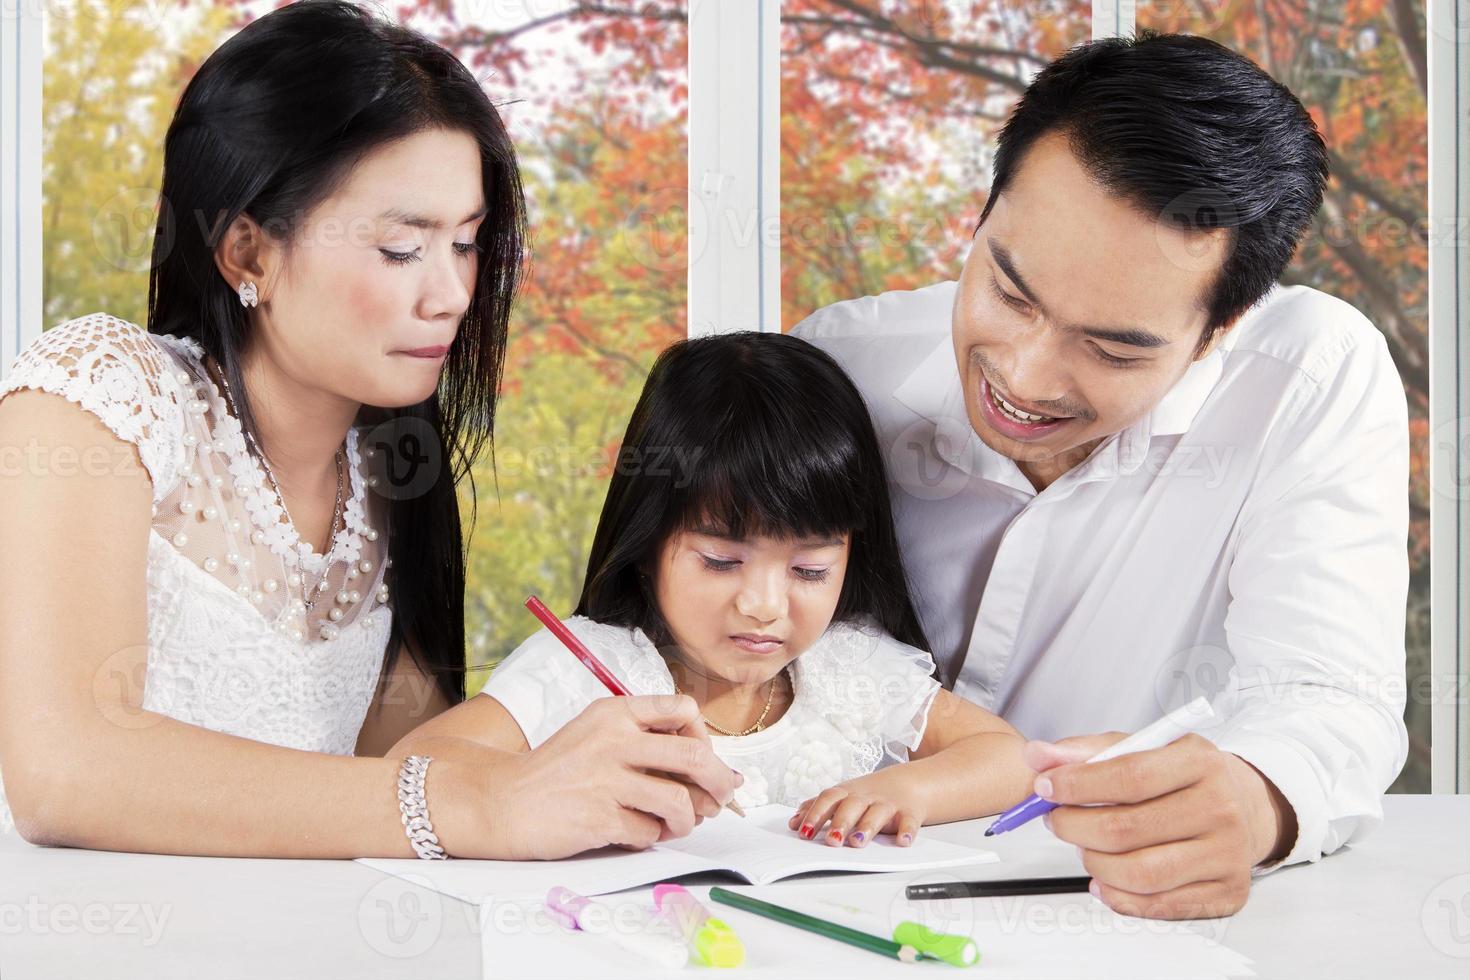 moderne Familie, die Hausaufgaben auf Tisch macht foto